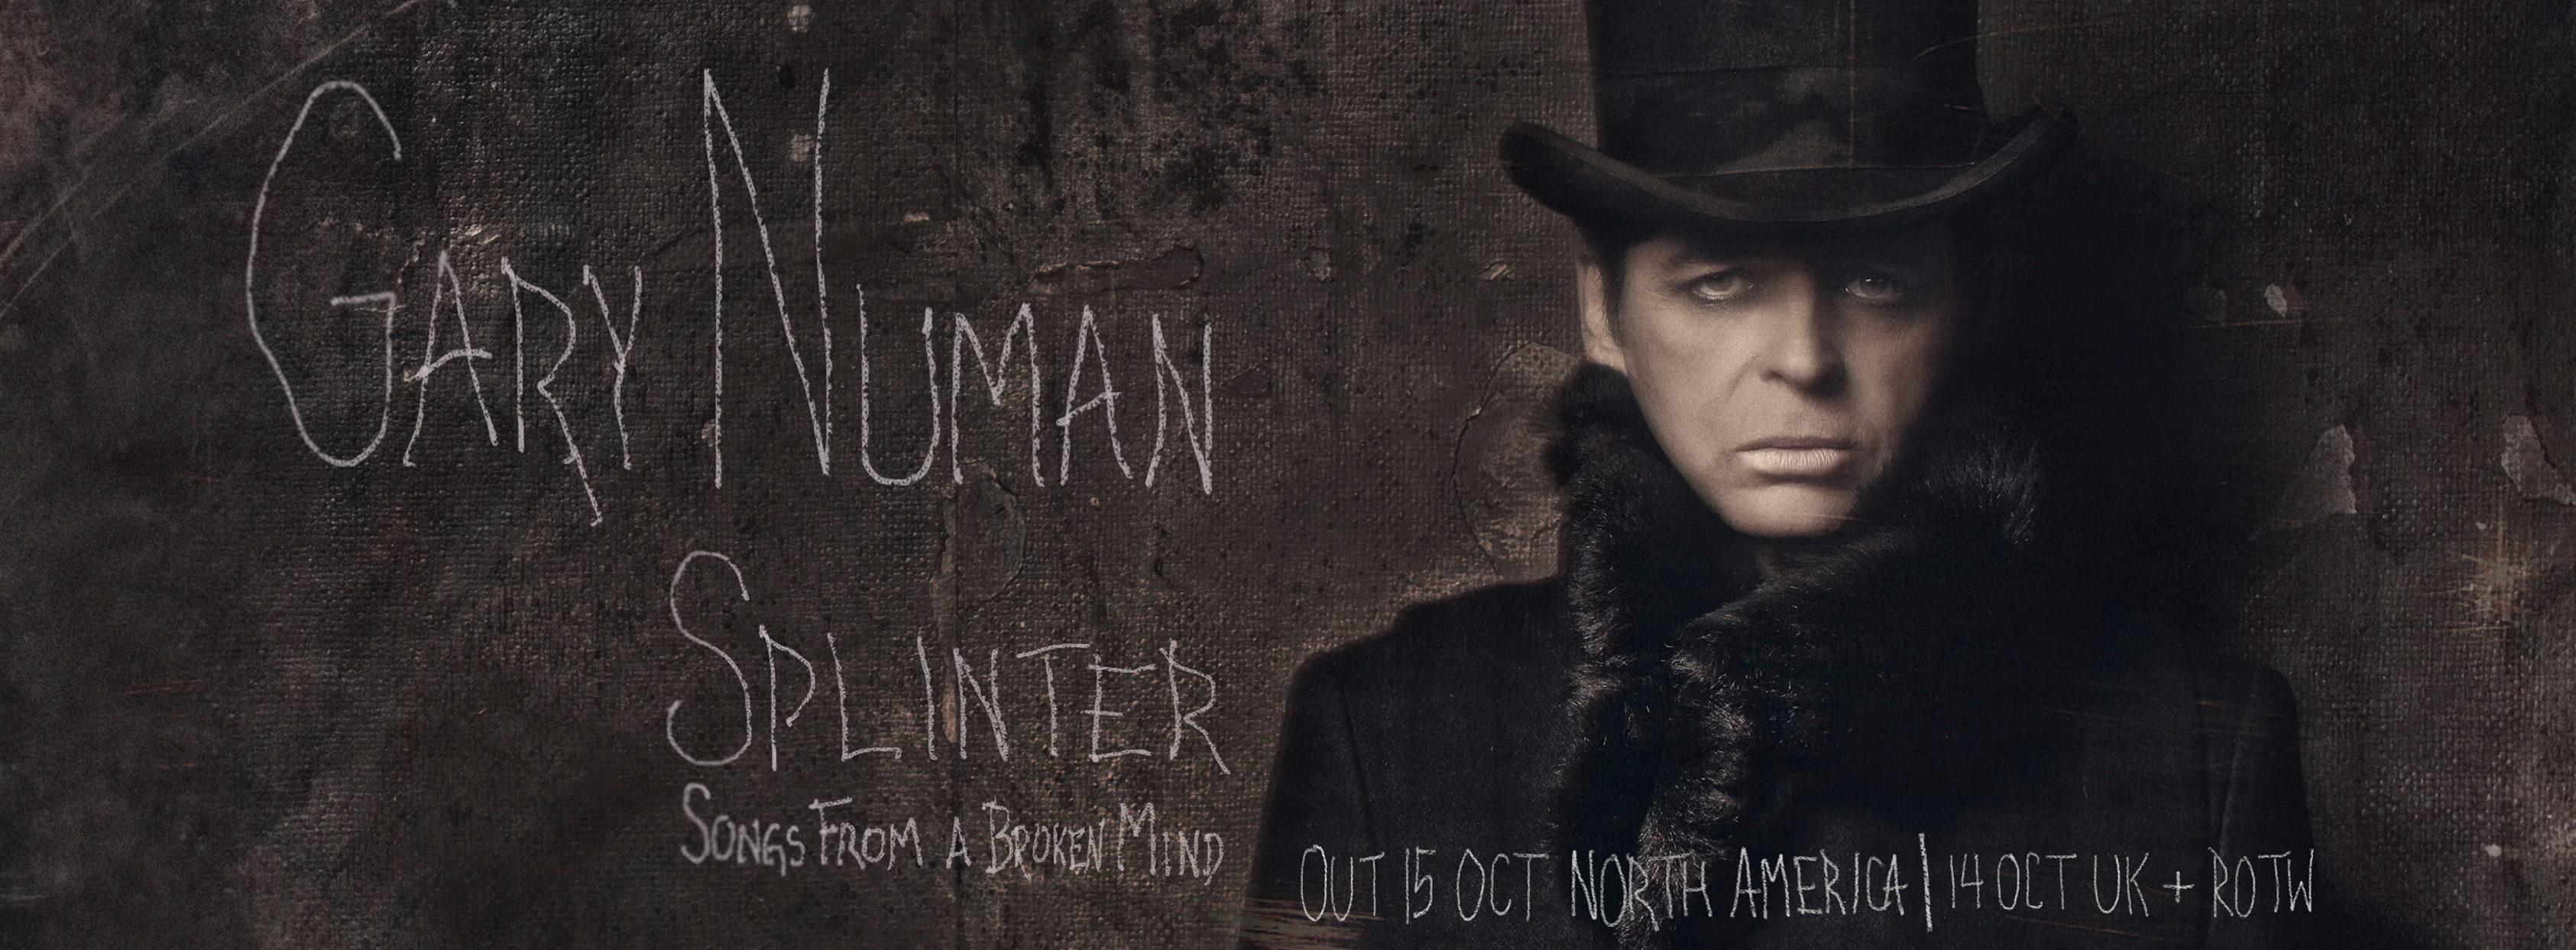 """Gary Numan veröffentlicht neues Album """"Splinter"""""""